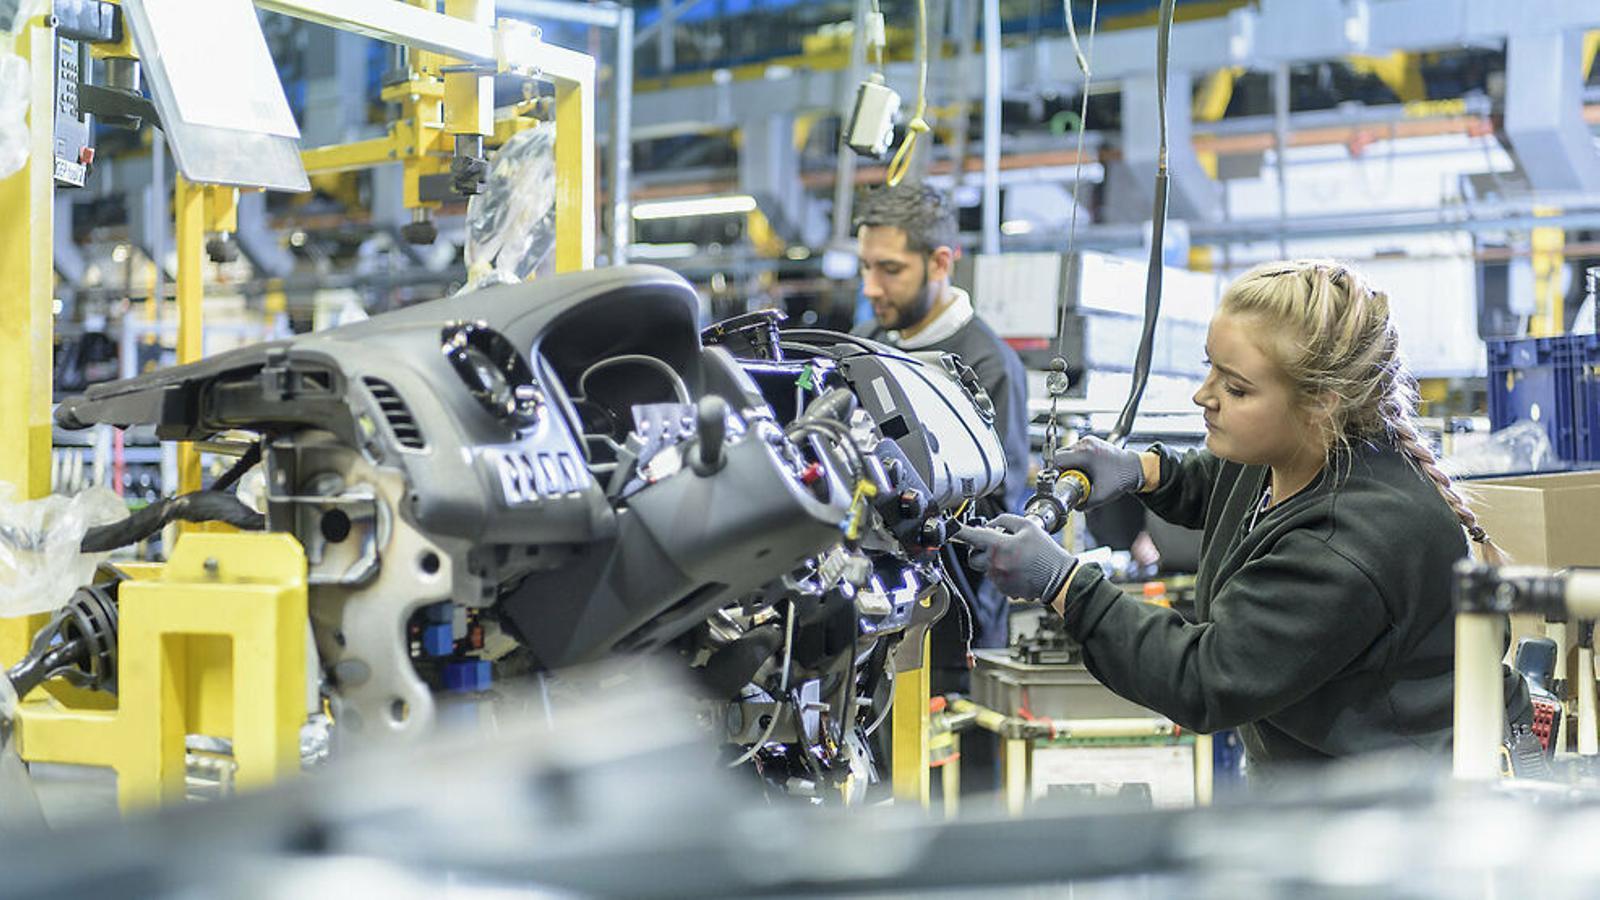 Enfonsament econòmic sense precedents: el PIB català cau un 20% i l'espanyol un 22%